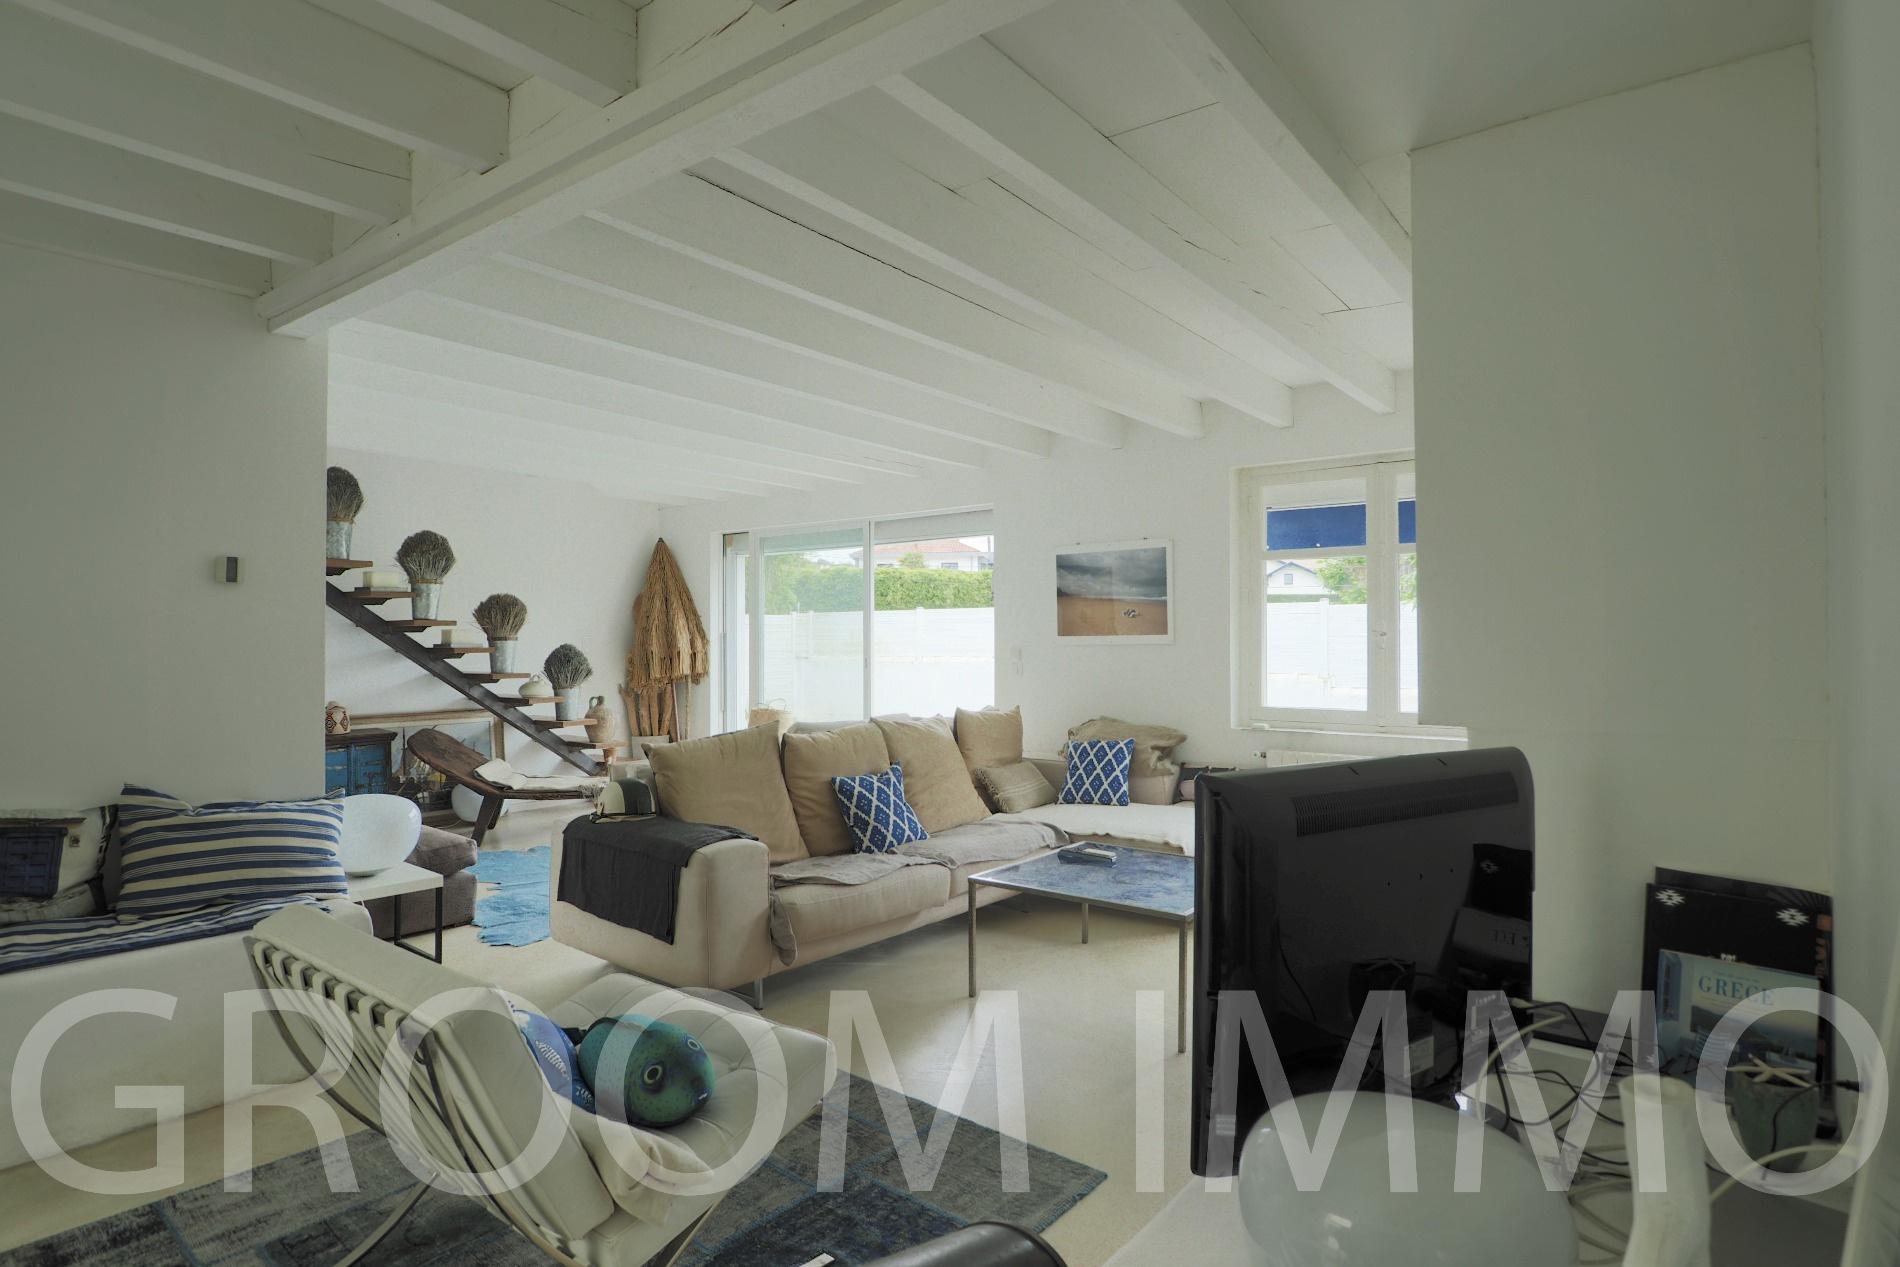 Offres de vente Maison / Villa Anglet (64600)